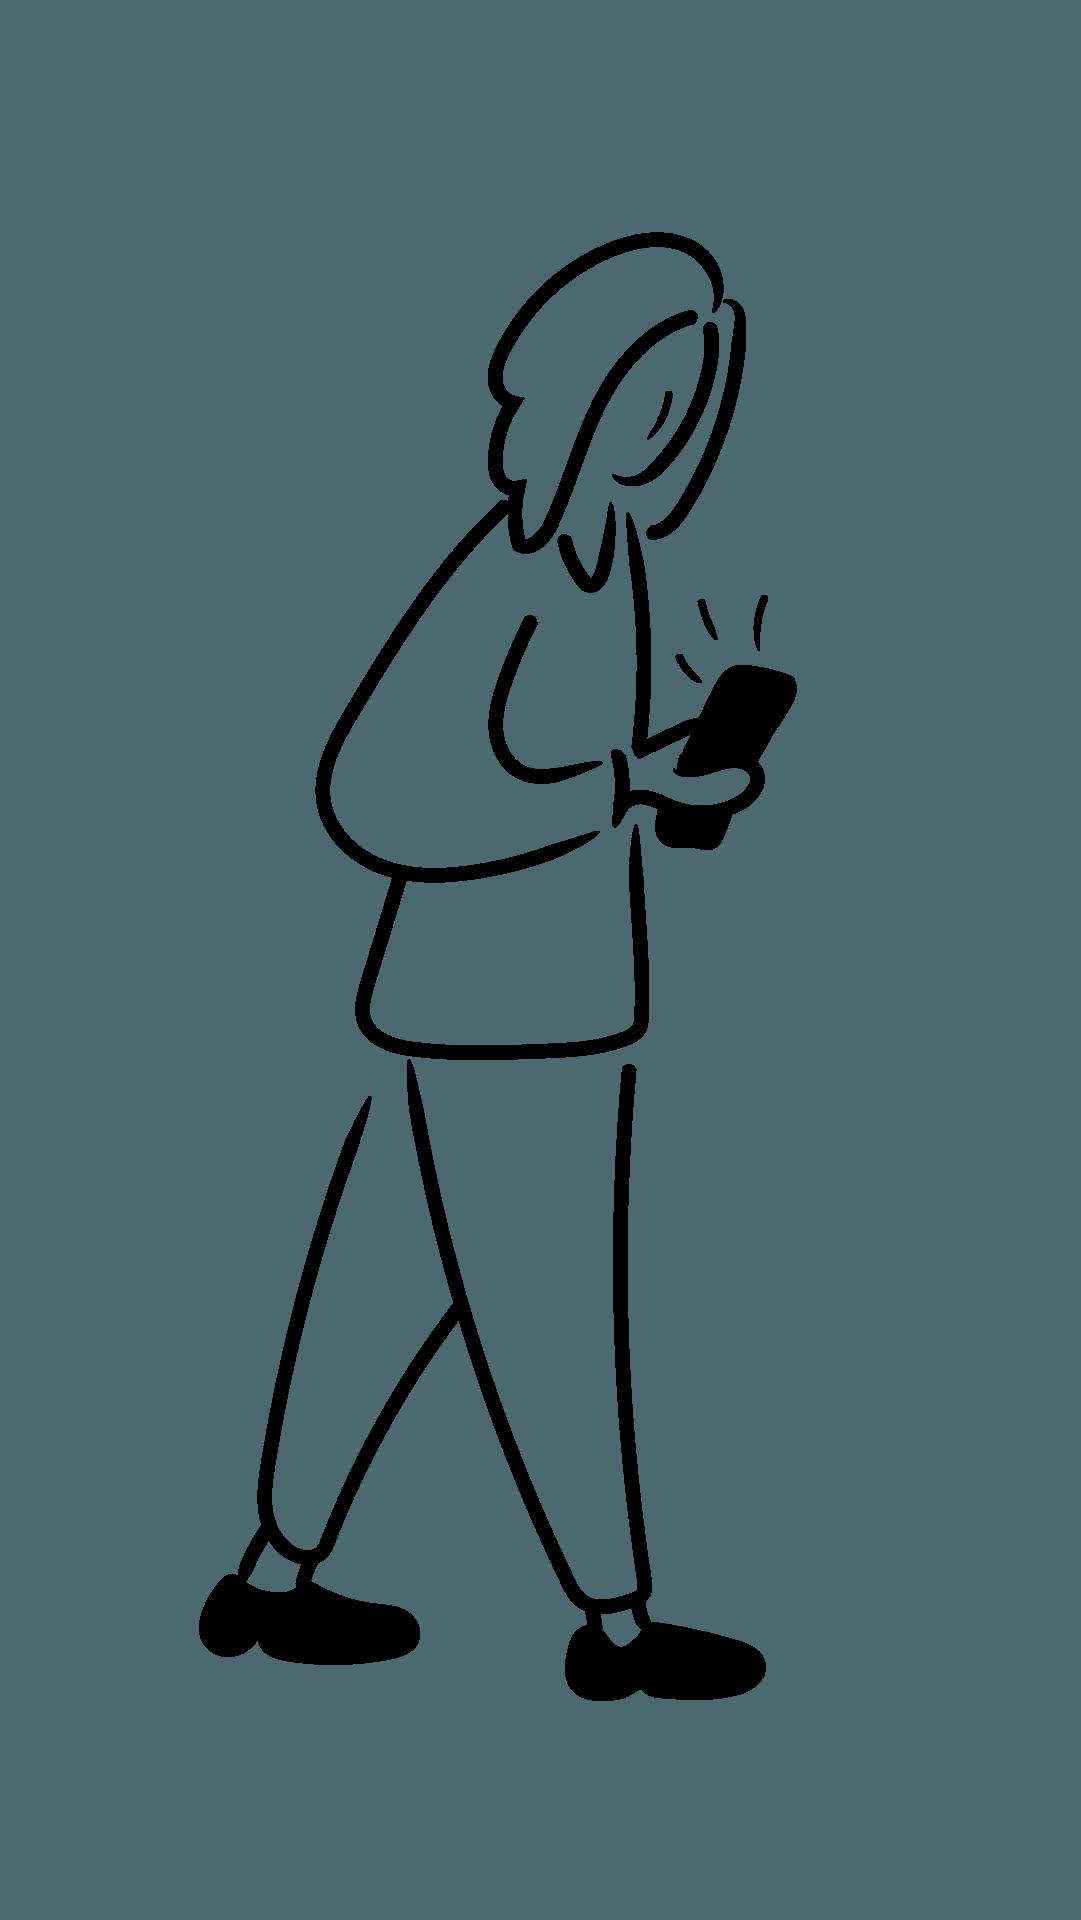 Konzept Eins - Agentur für Marketing - Online Marketing